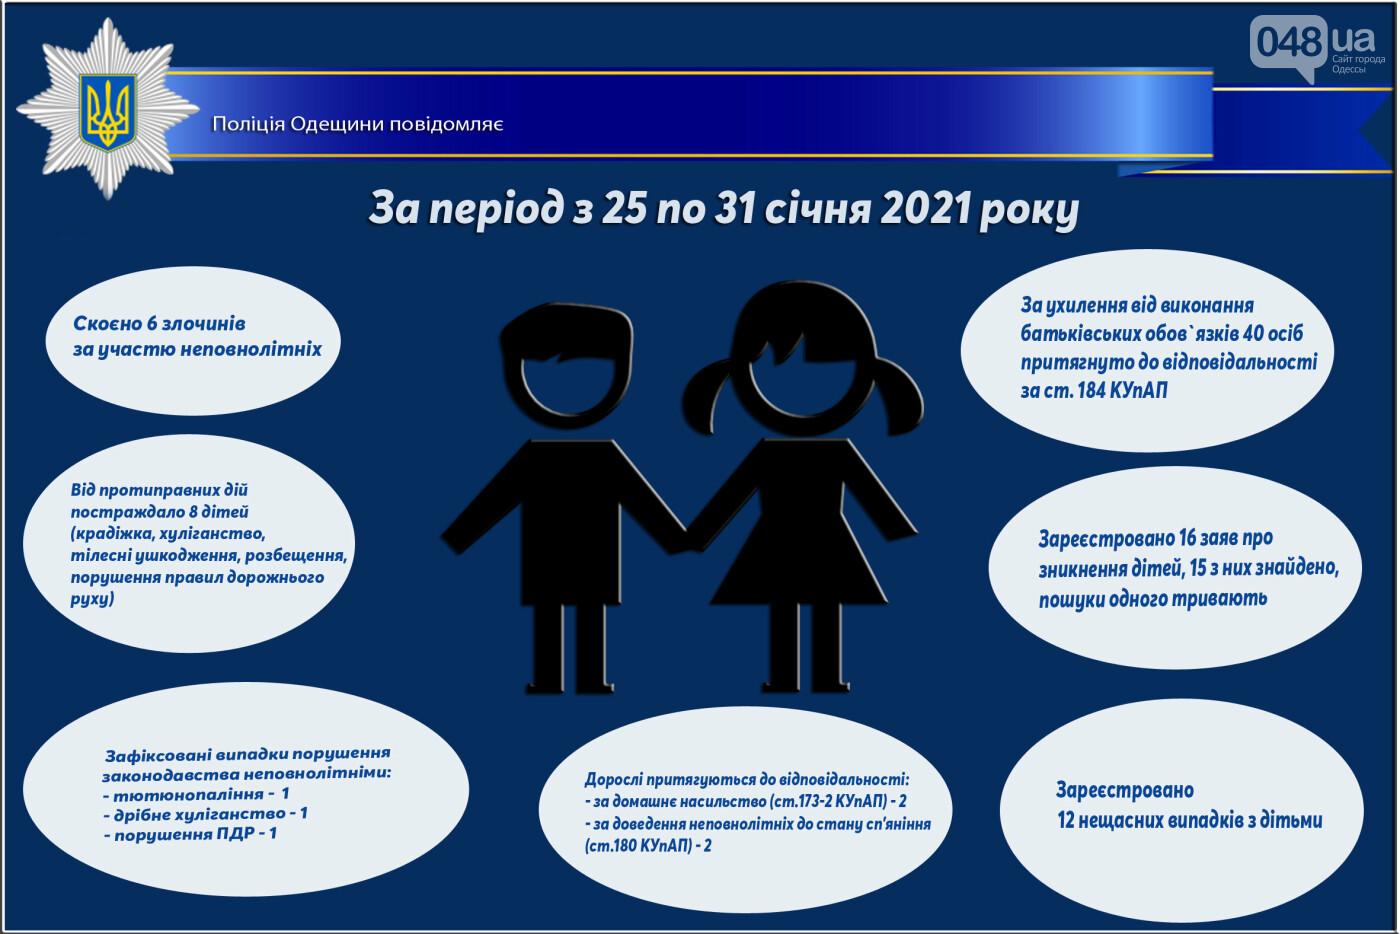 Домашнее насилие и доведение несовершеннолетних до опьянения: отчёт одесской полиции , фото-1